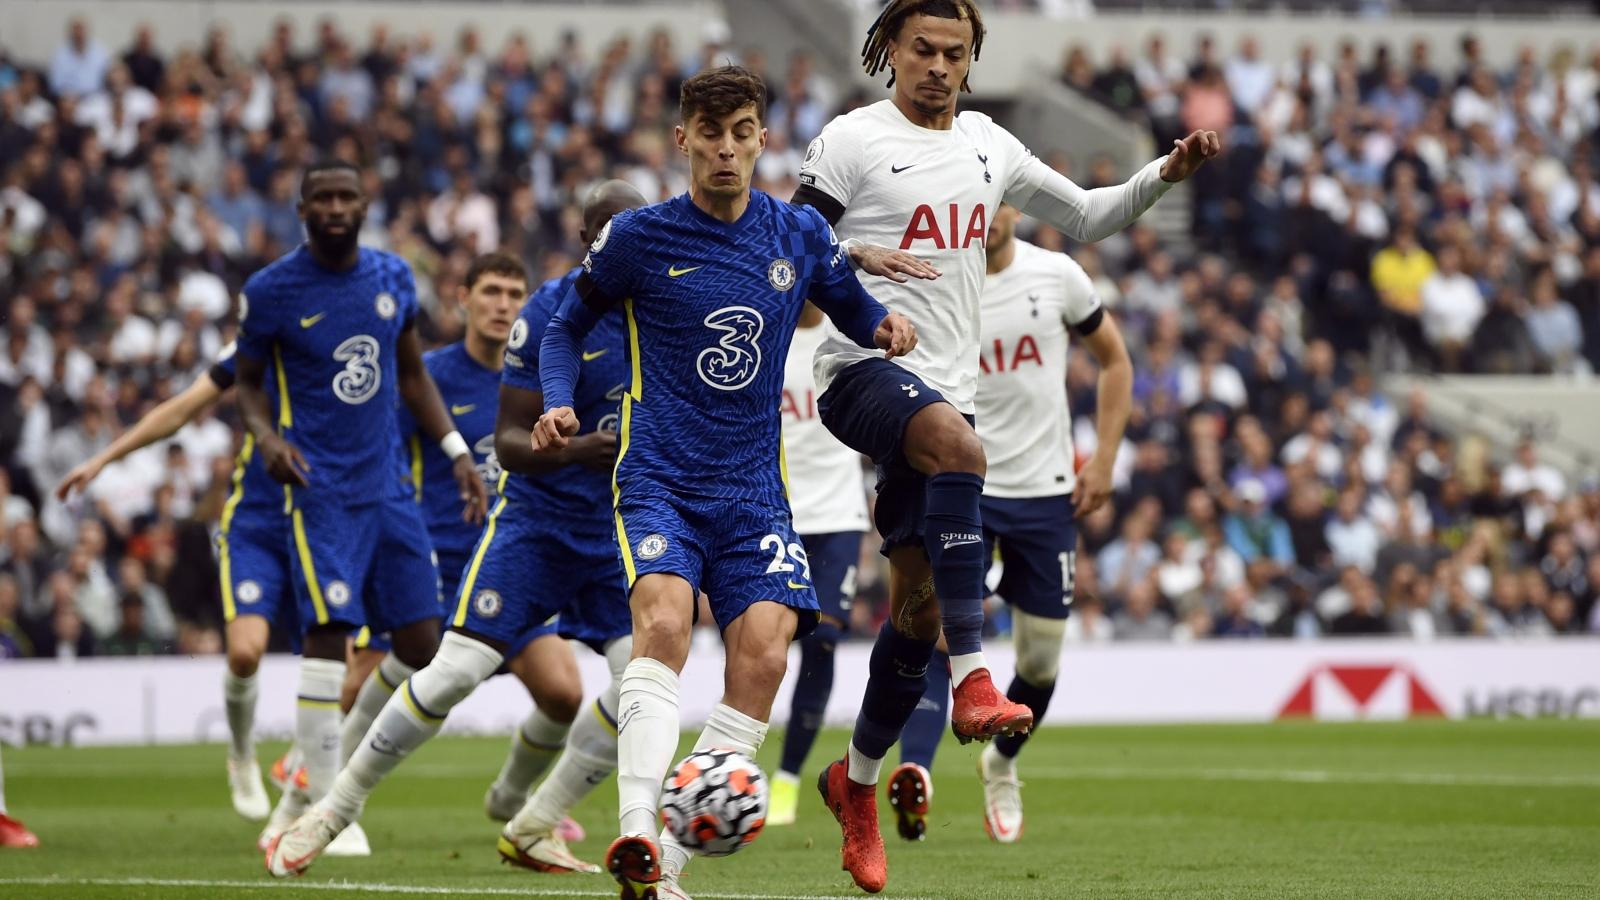 TRỰC TIẾP bóng đá Tottenham 0 - 0 Chelsea: Đôi công rực lửa